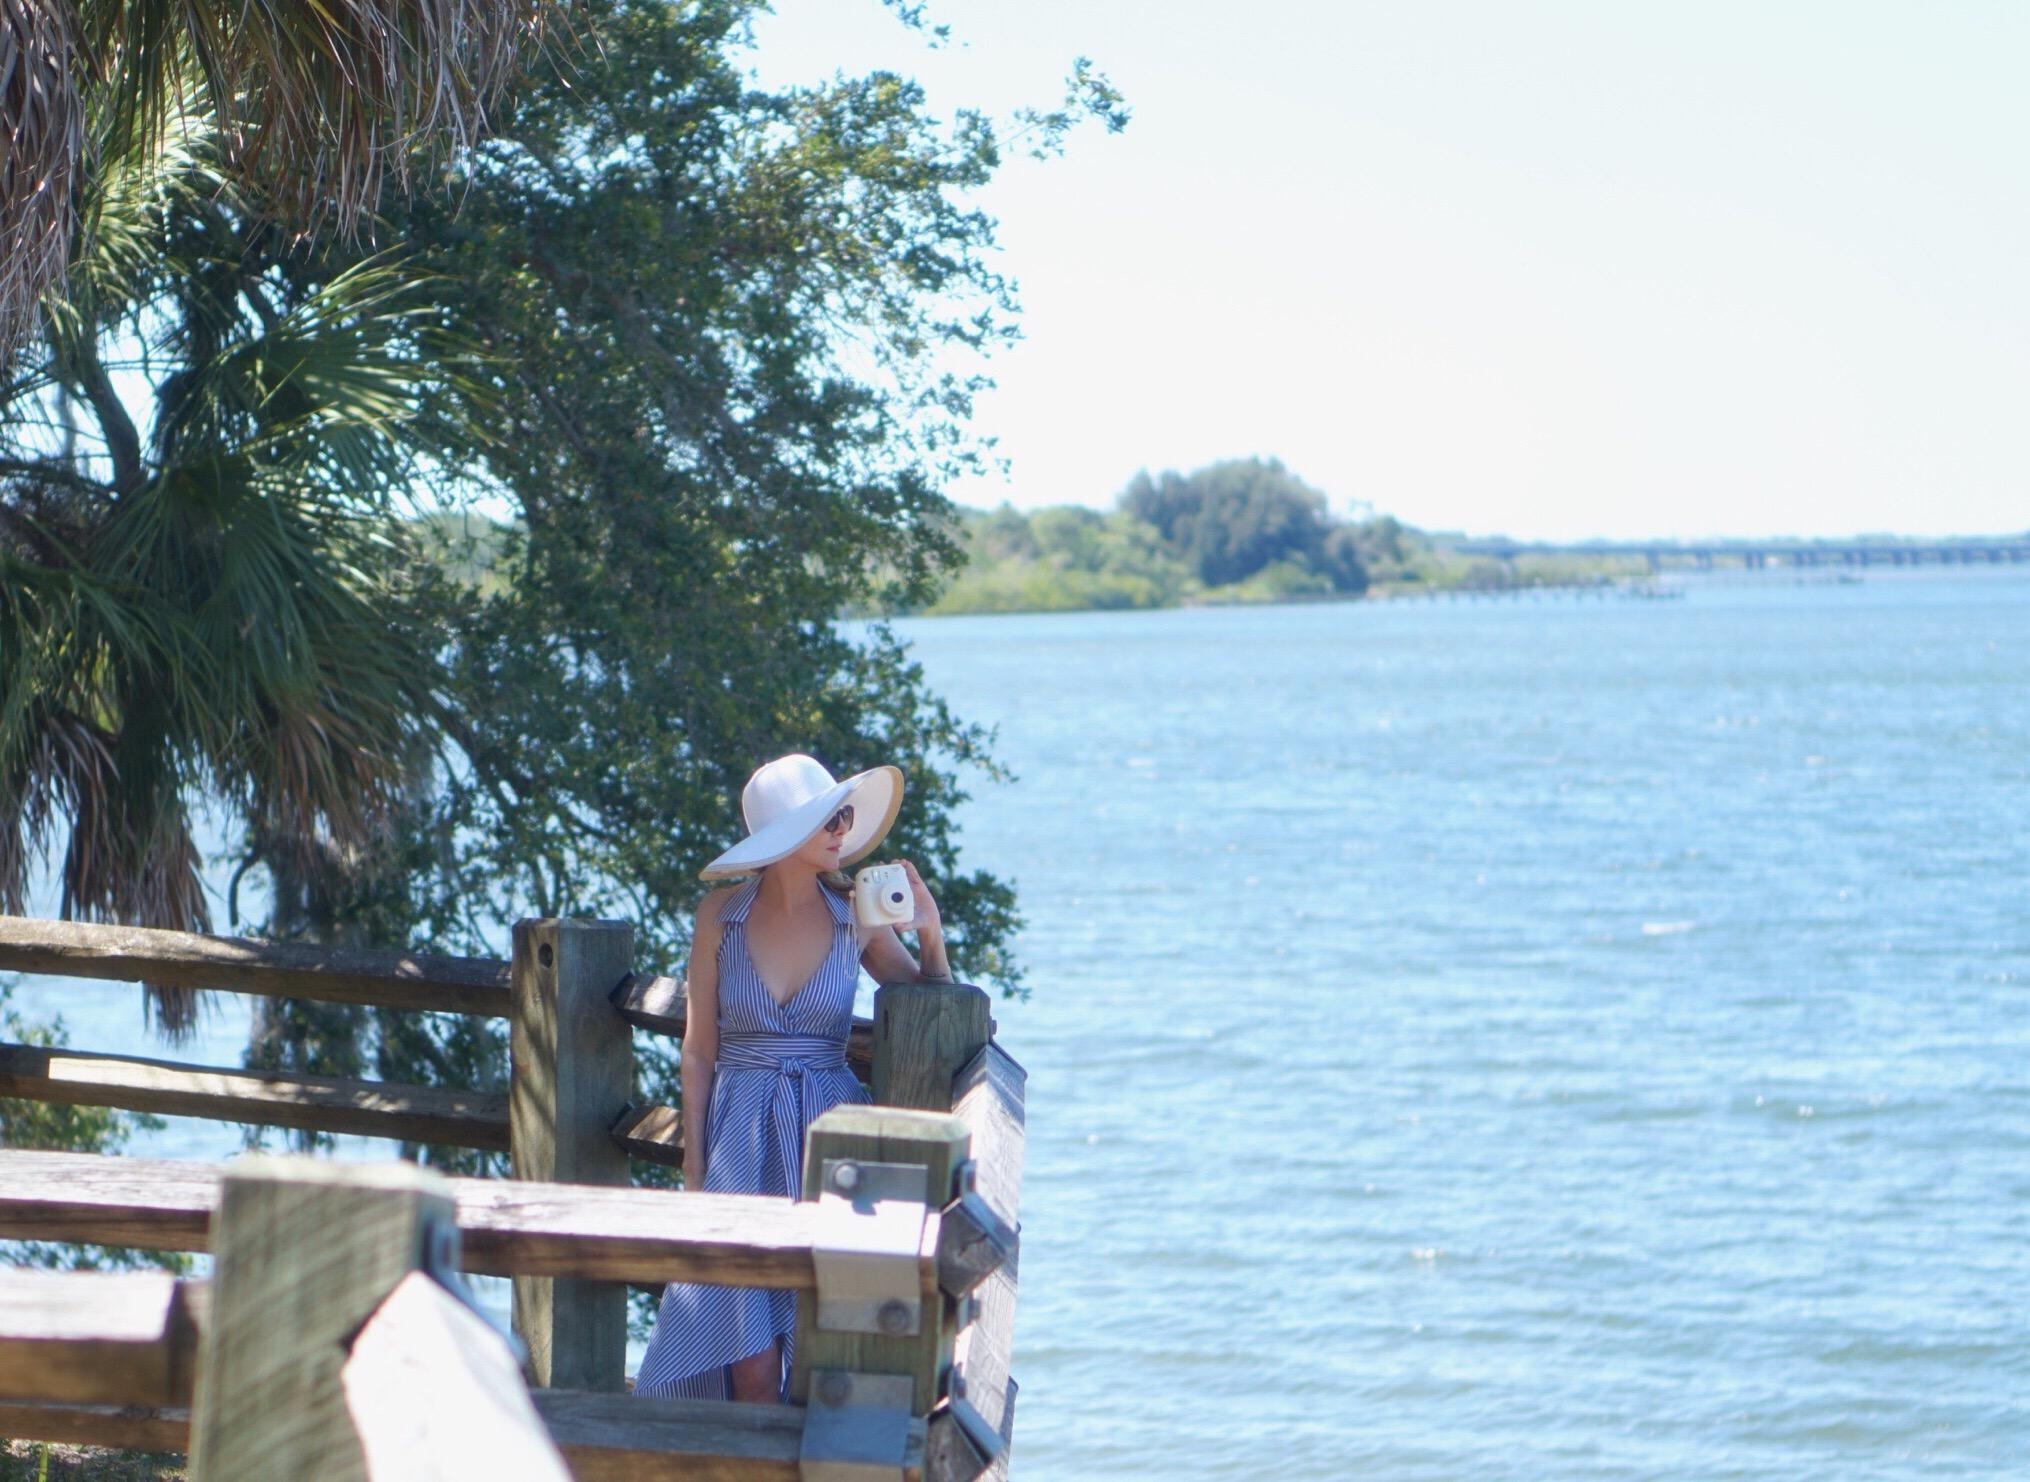 Scenic Old Tampa Bay